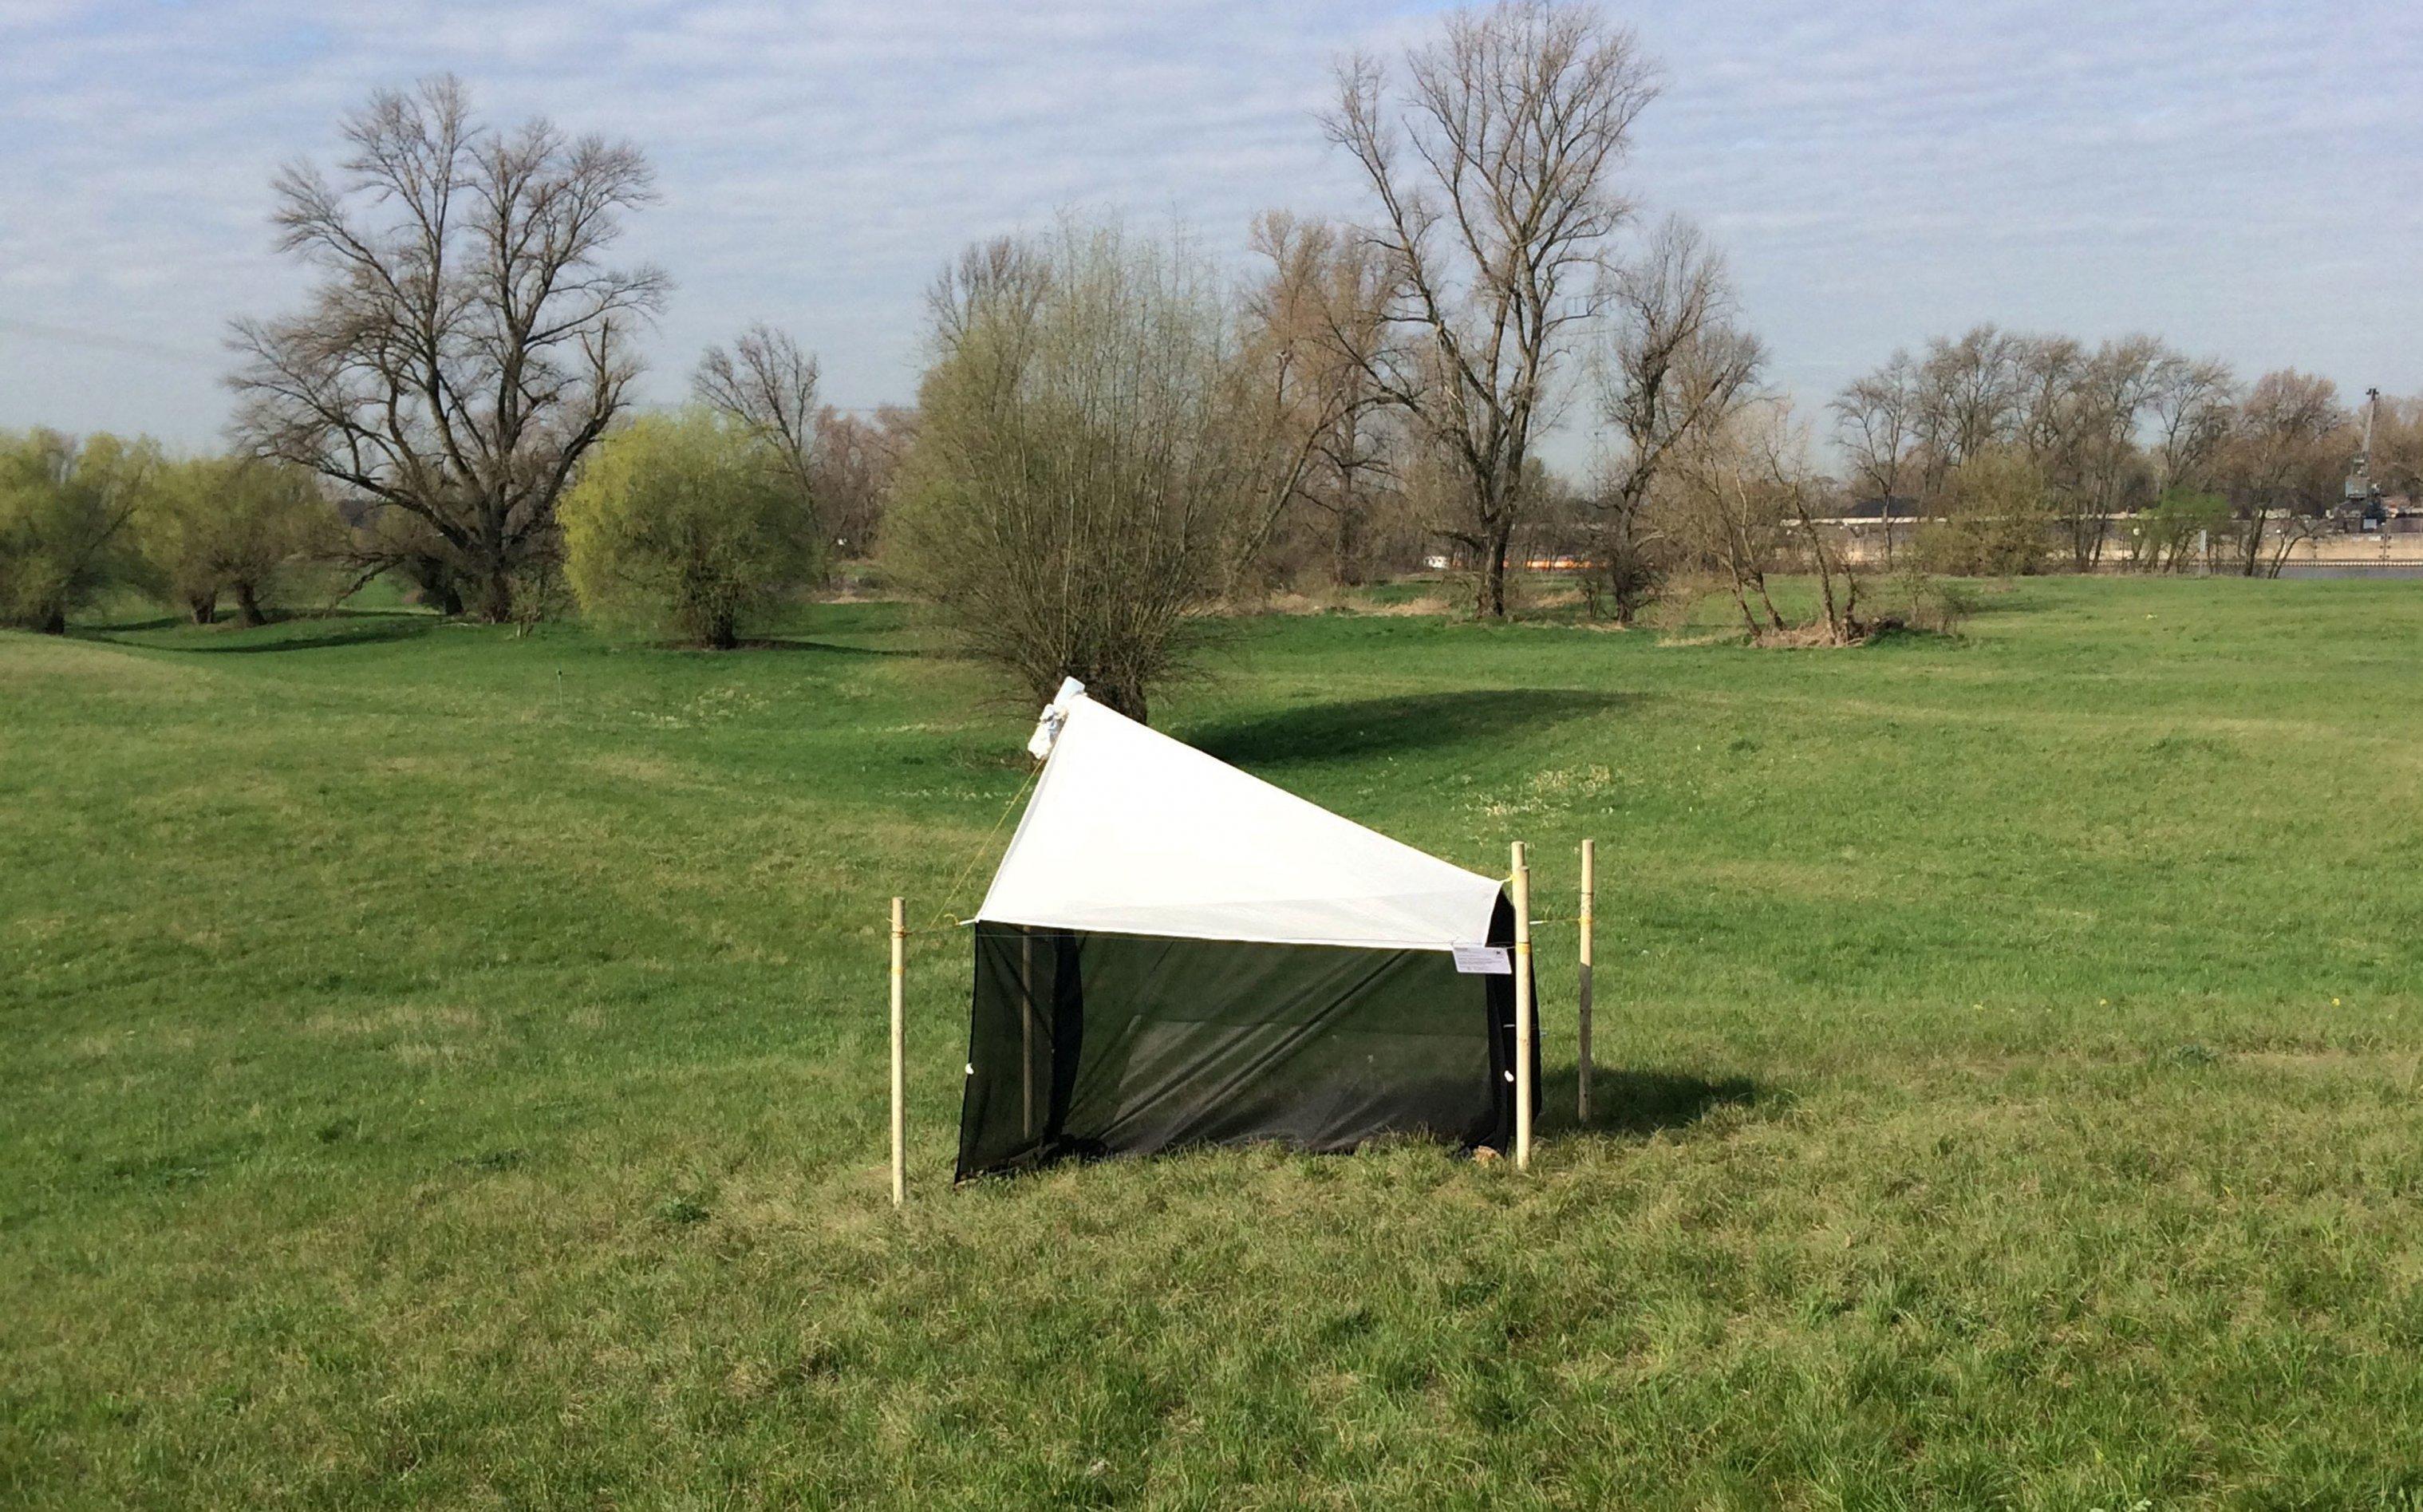 Eine Malaise-Falle auf einem Feld. Ein kleines Zelt aus Netzen.